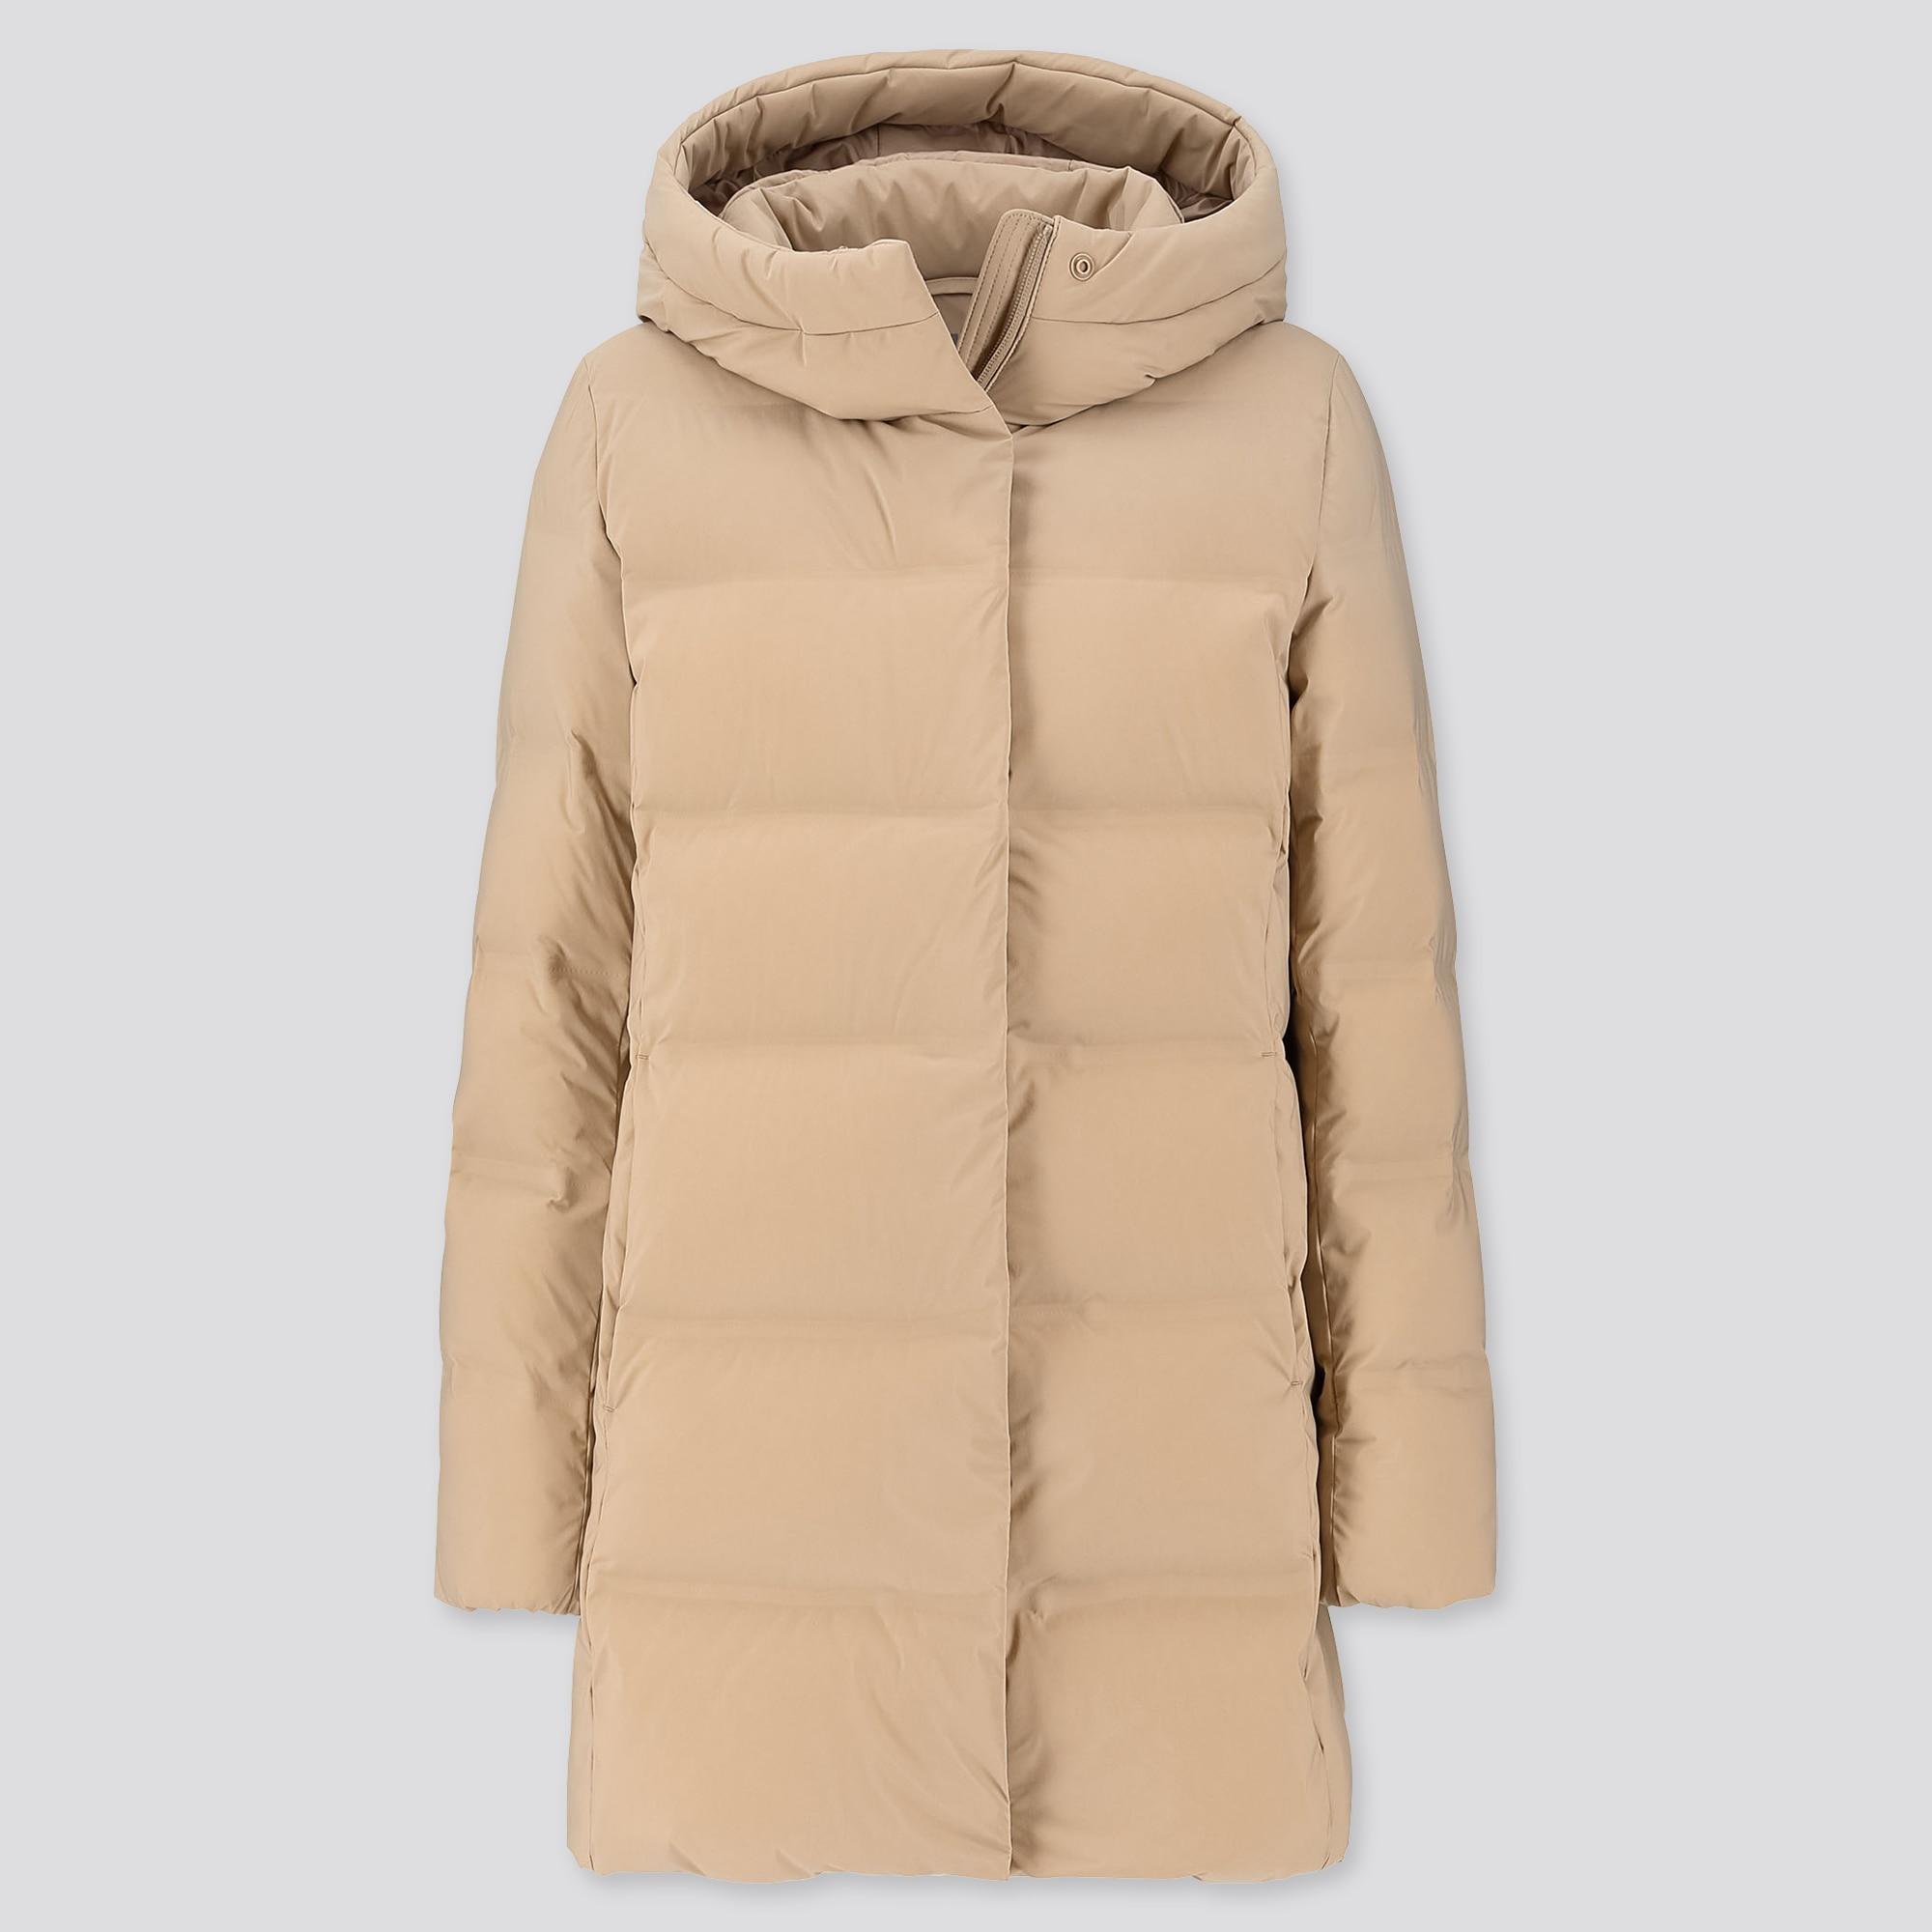 Manteau teddy fila femme